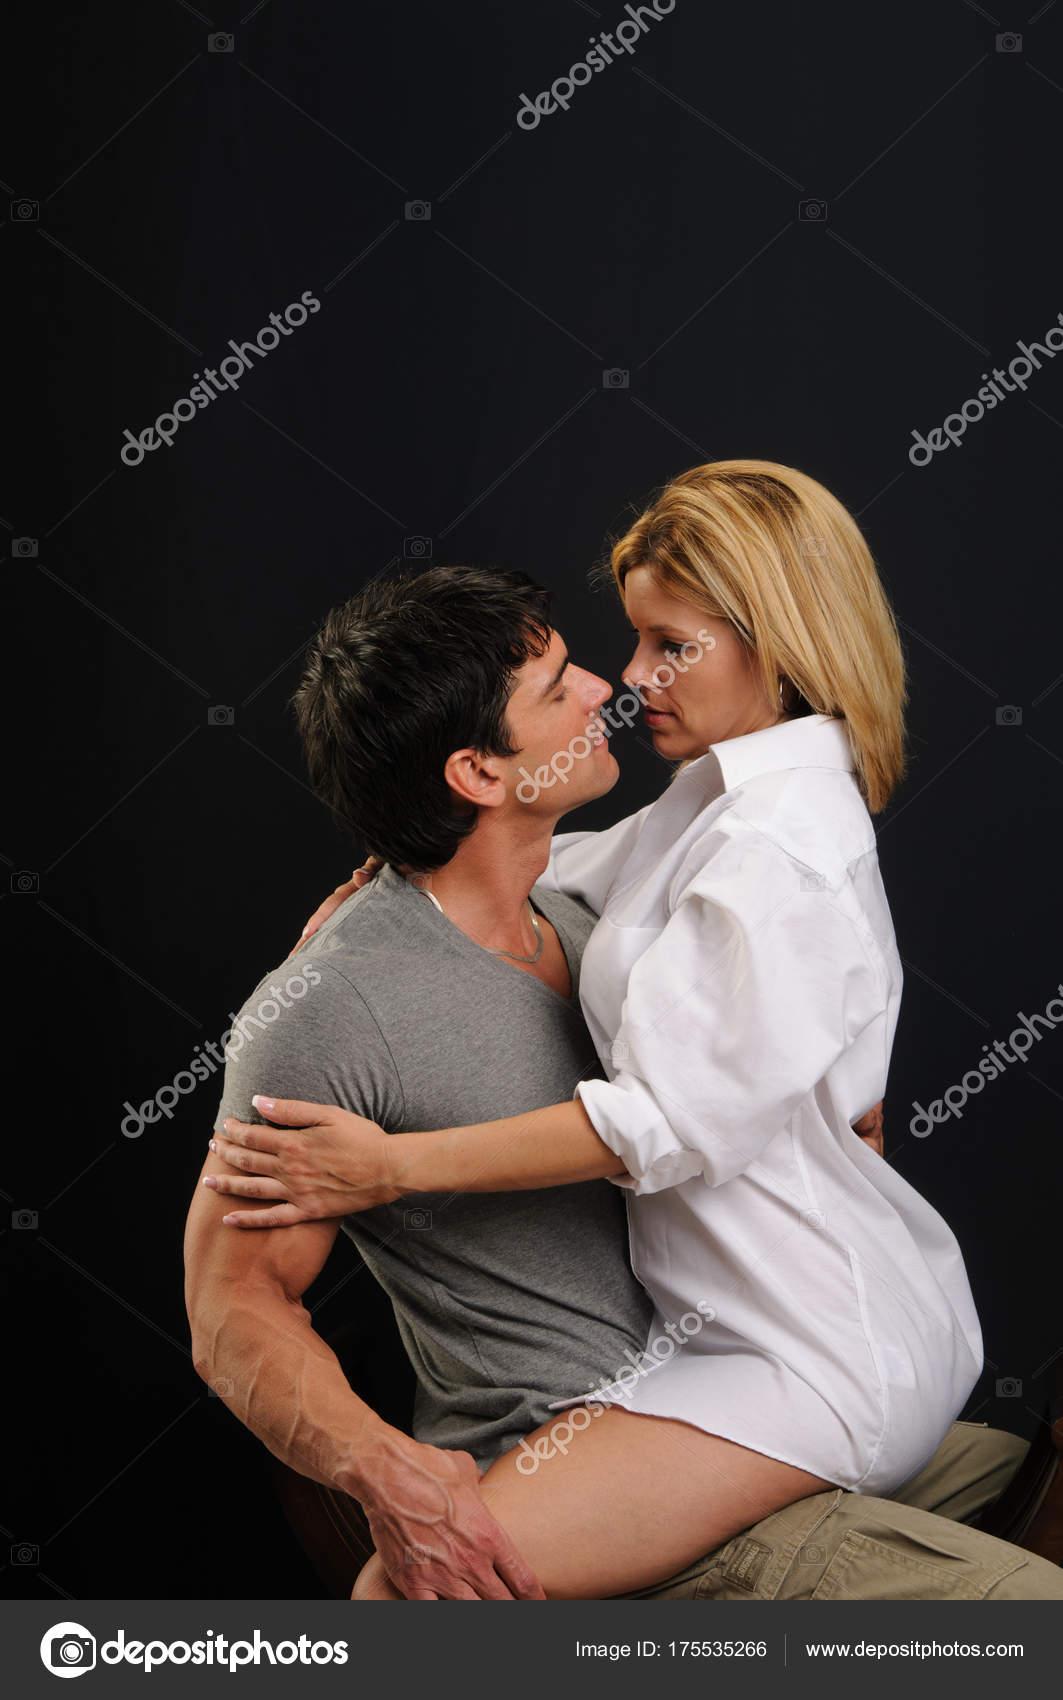 heißes und sexy Paar Bild